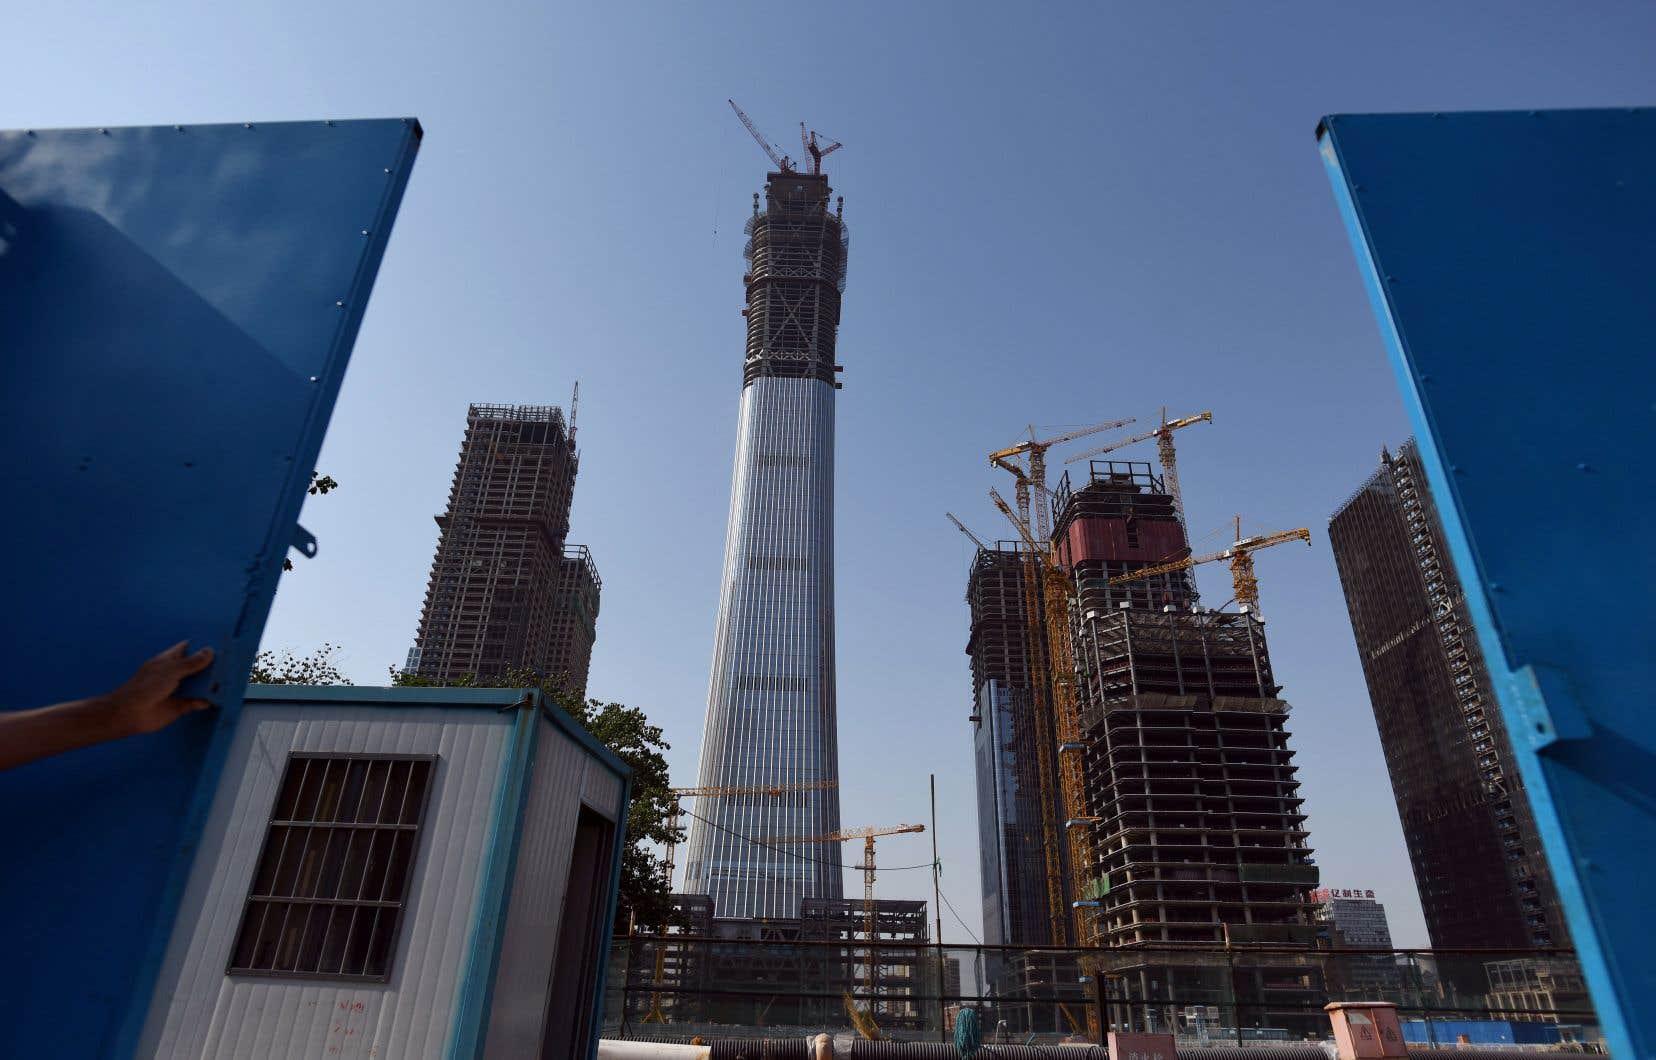 Les familles chinoises expropriées en raison d'immenses chantiers de construction sont dorénavant mieux indemnisées, et le Québec a quelque chose à voir dans ce changement, selon Guy Lefebvre, vice-recteur aux affaires internationales de l'Université de Montréal.